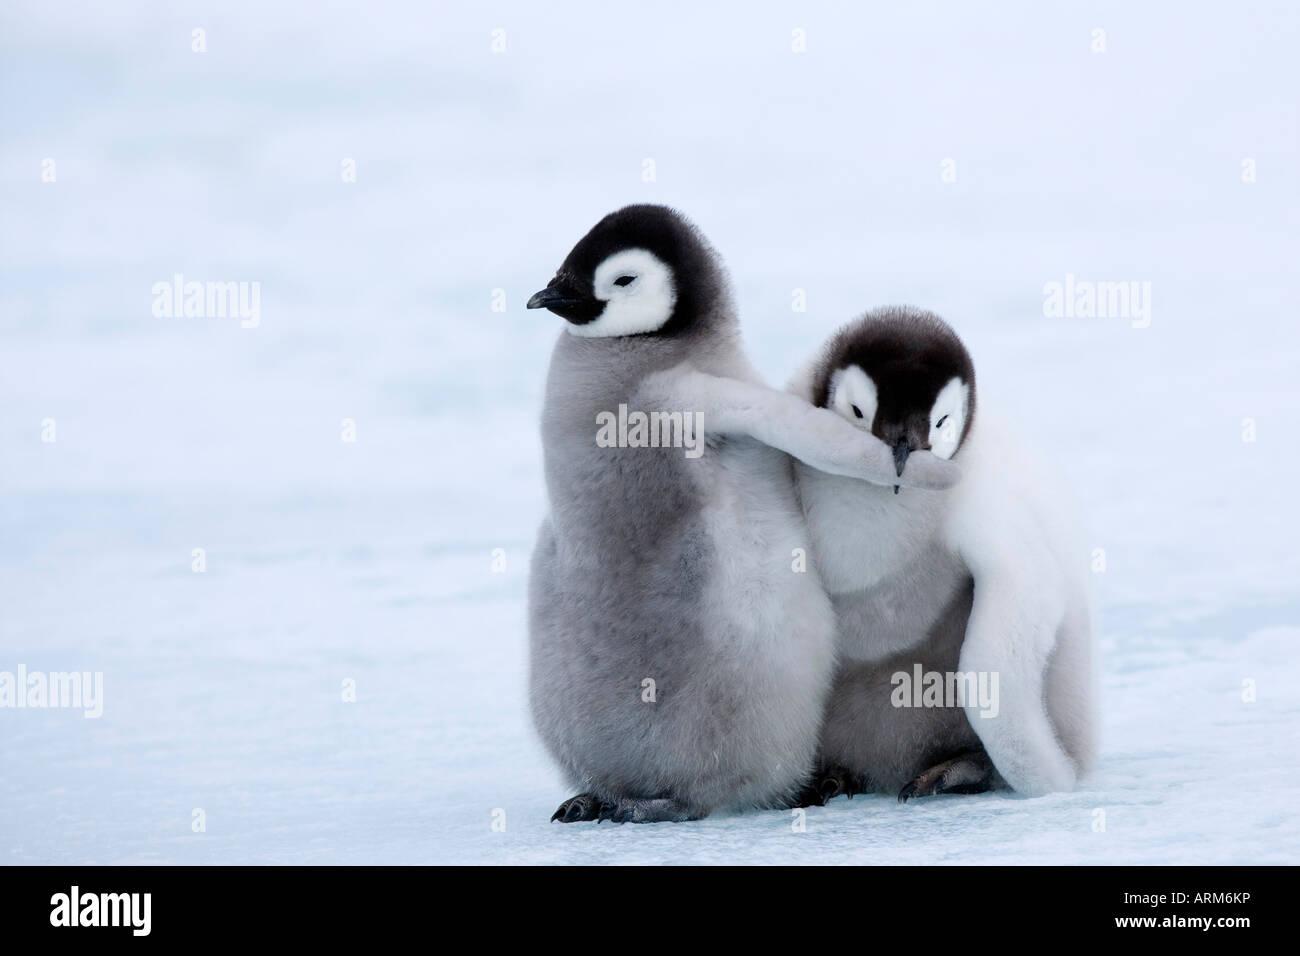 Emperor penguin chicks (Aptenodytes forsteri), Snow Hill Island, Weddell Sea, Antarctica, Polar Regions - Stock Image